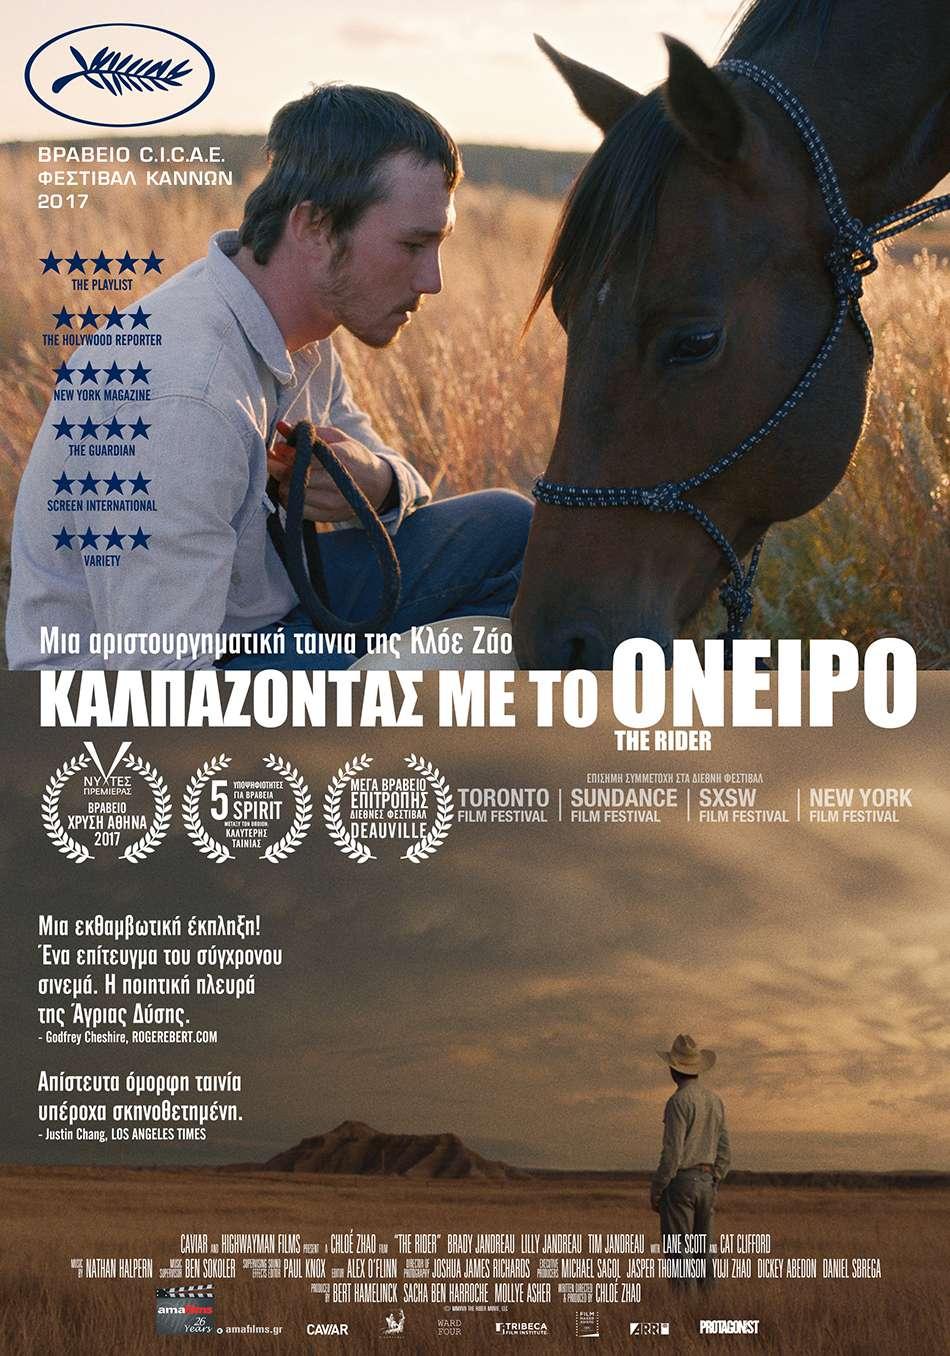 Καλπάζοντας με το όνειρο (The Rider) Poster